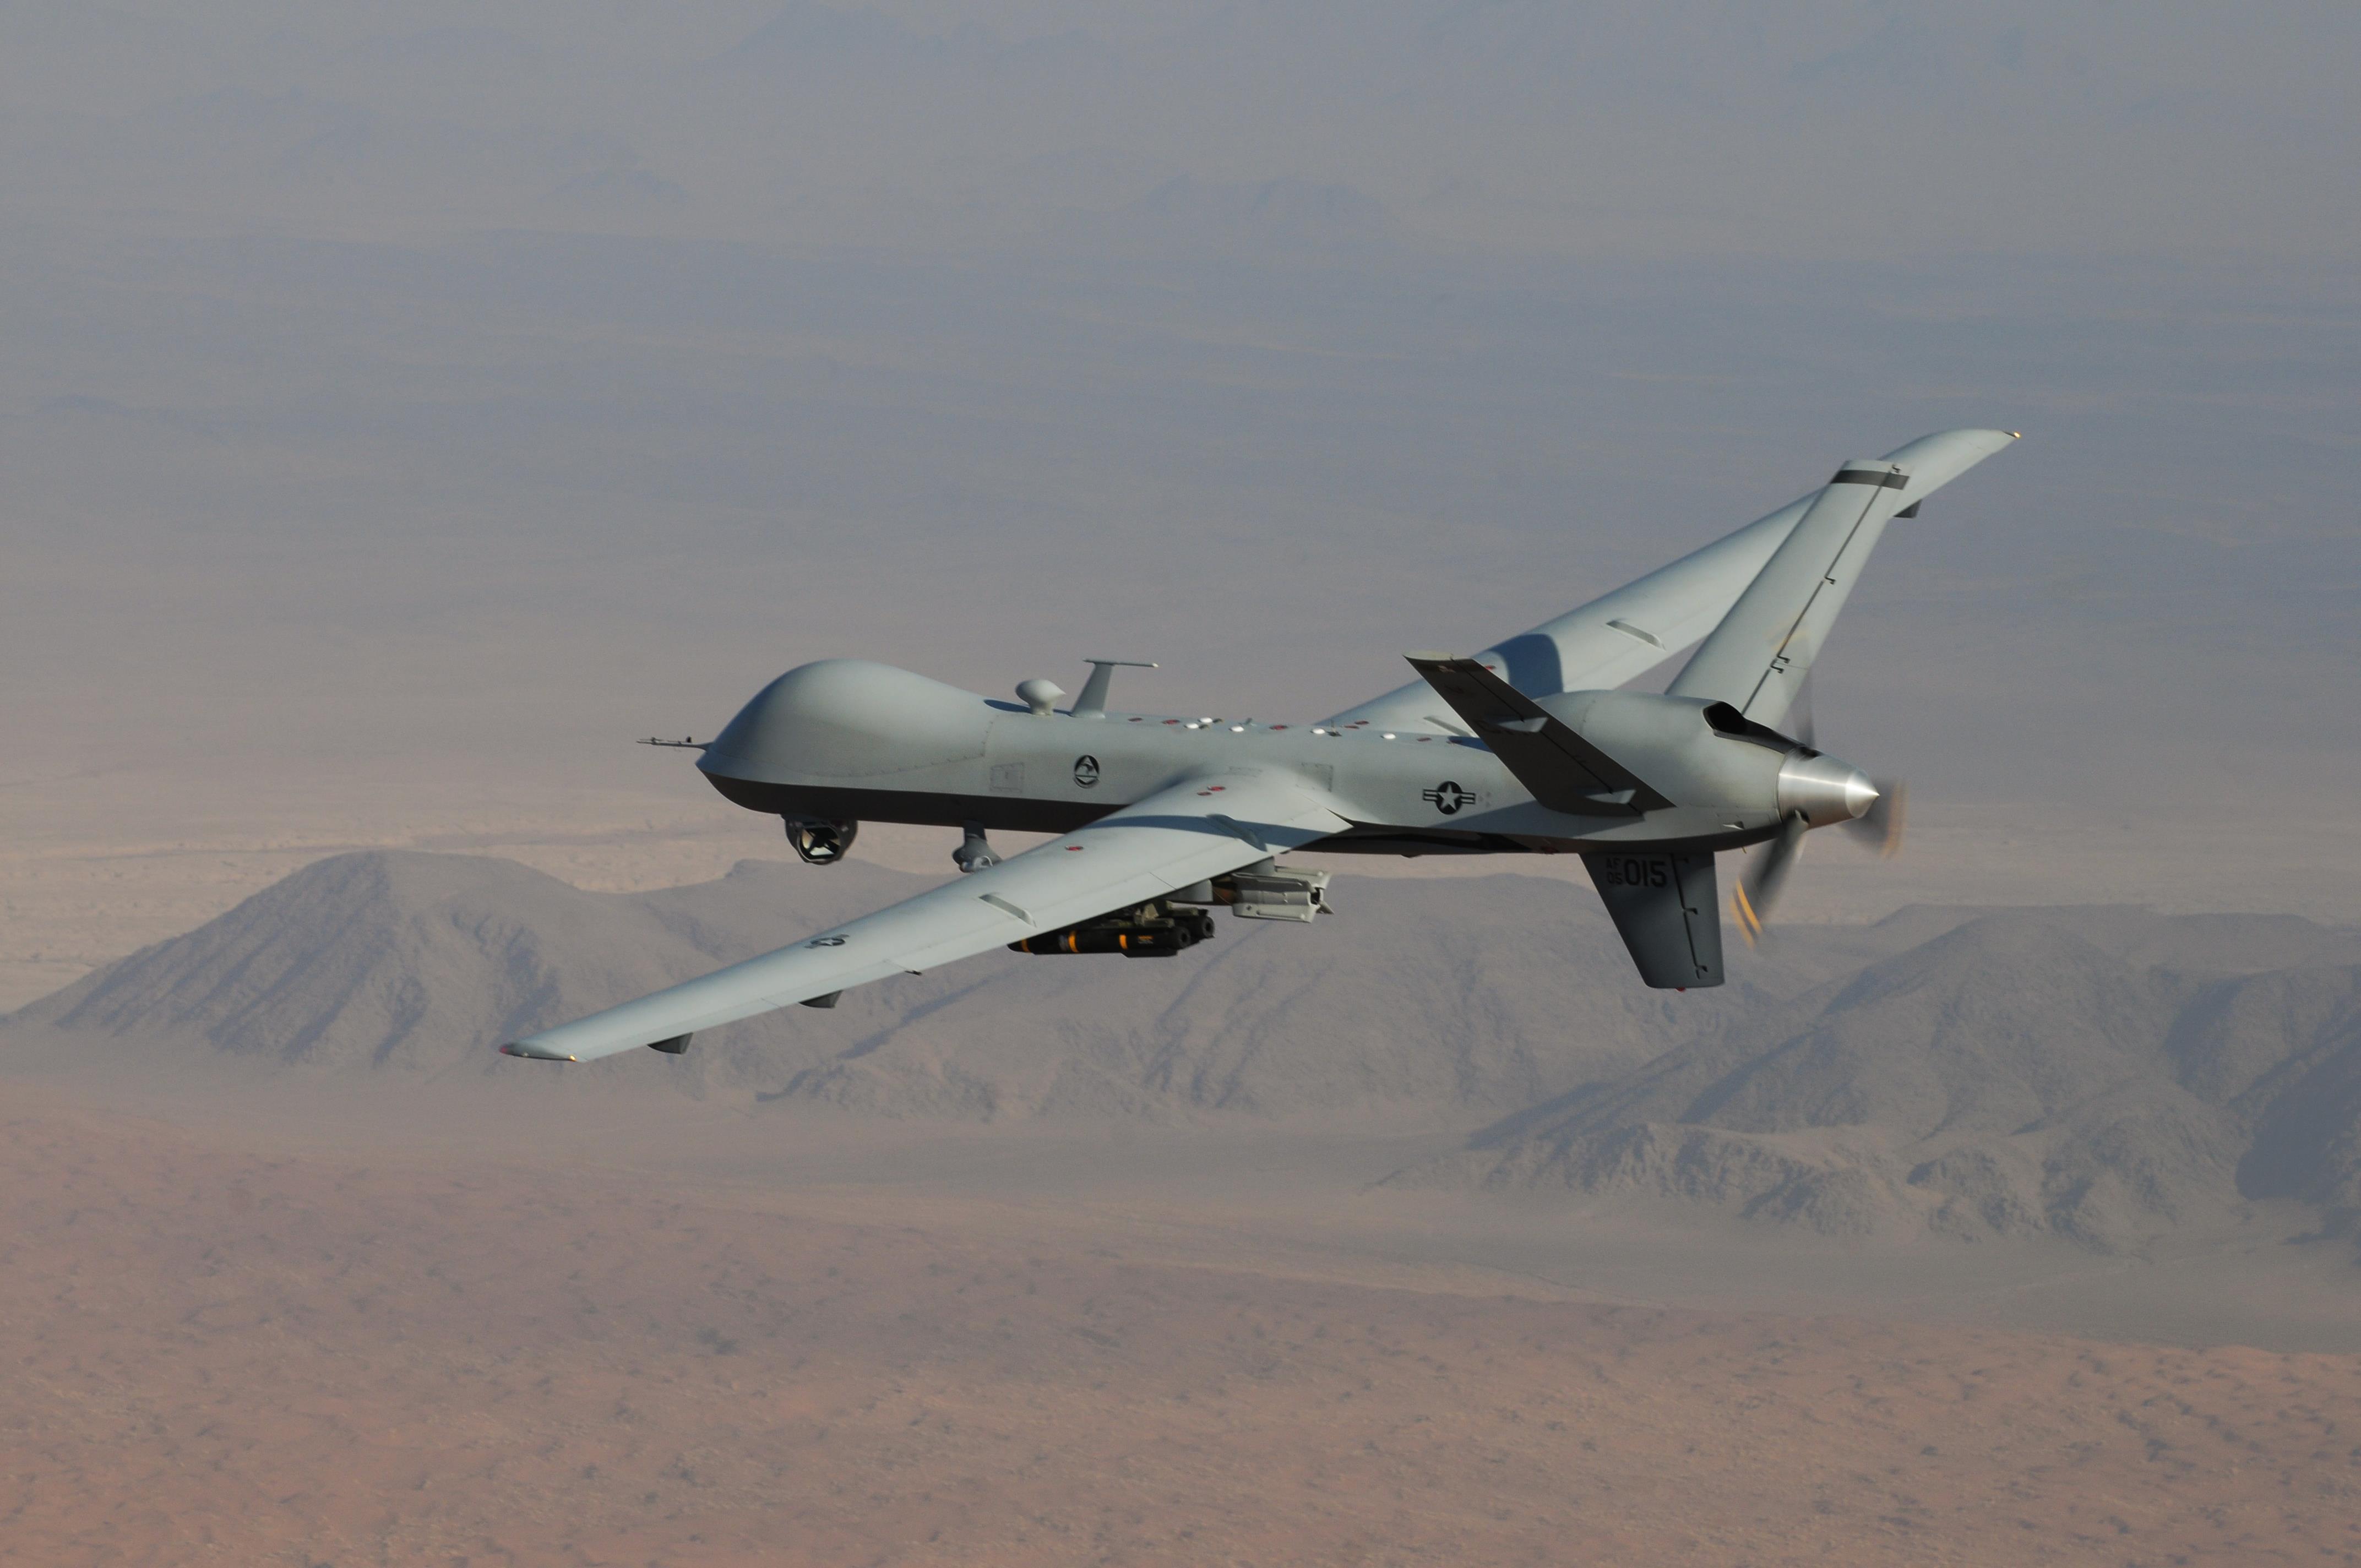 Αποτέλεσμα εικόνας για mq-9 reaper